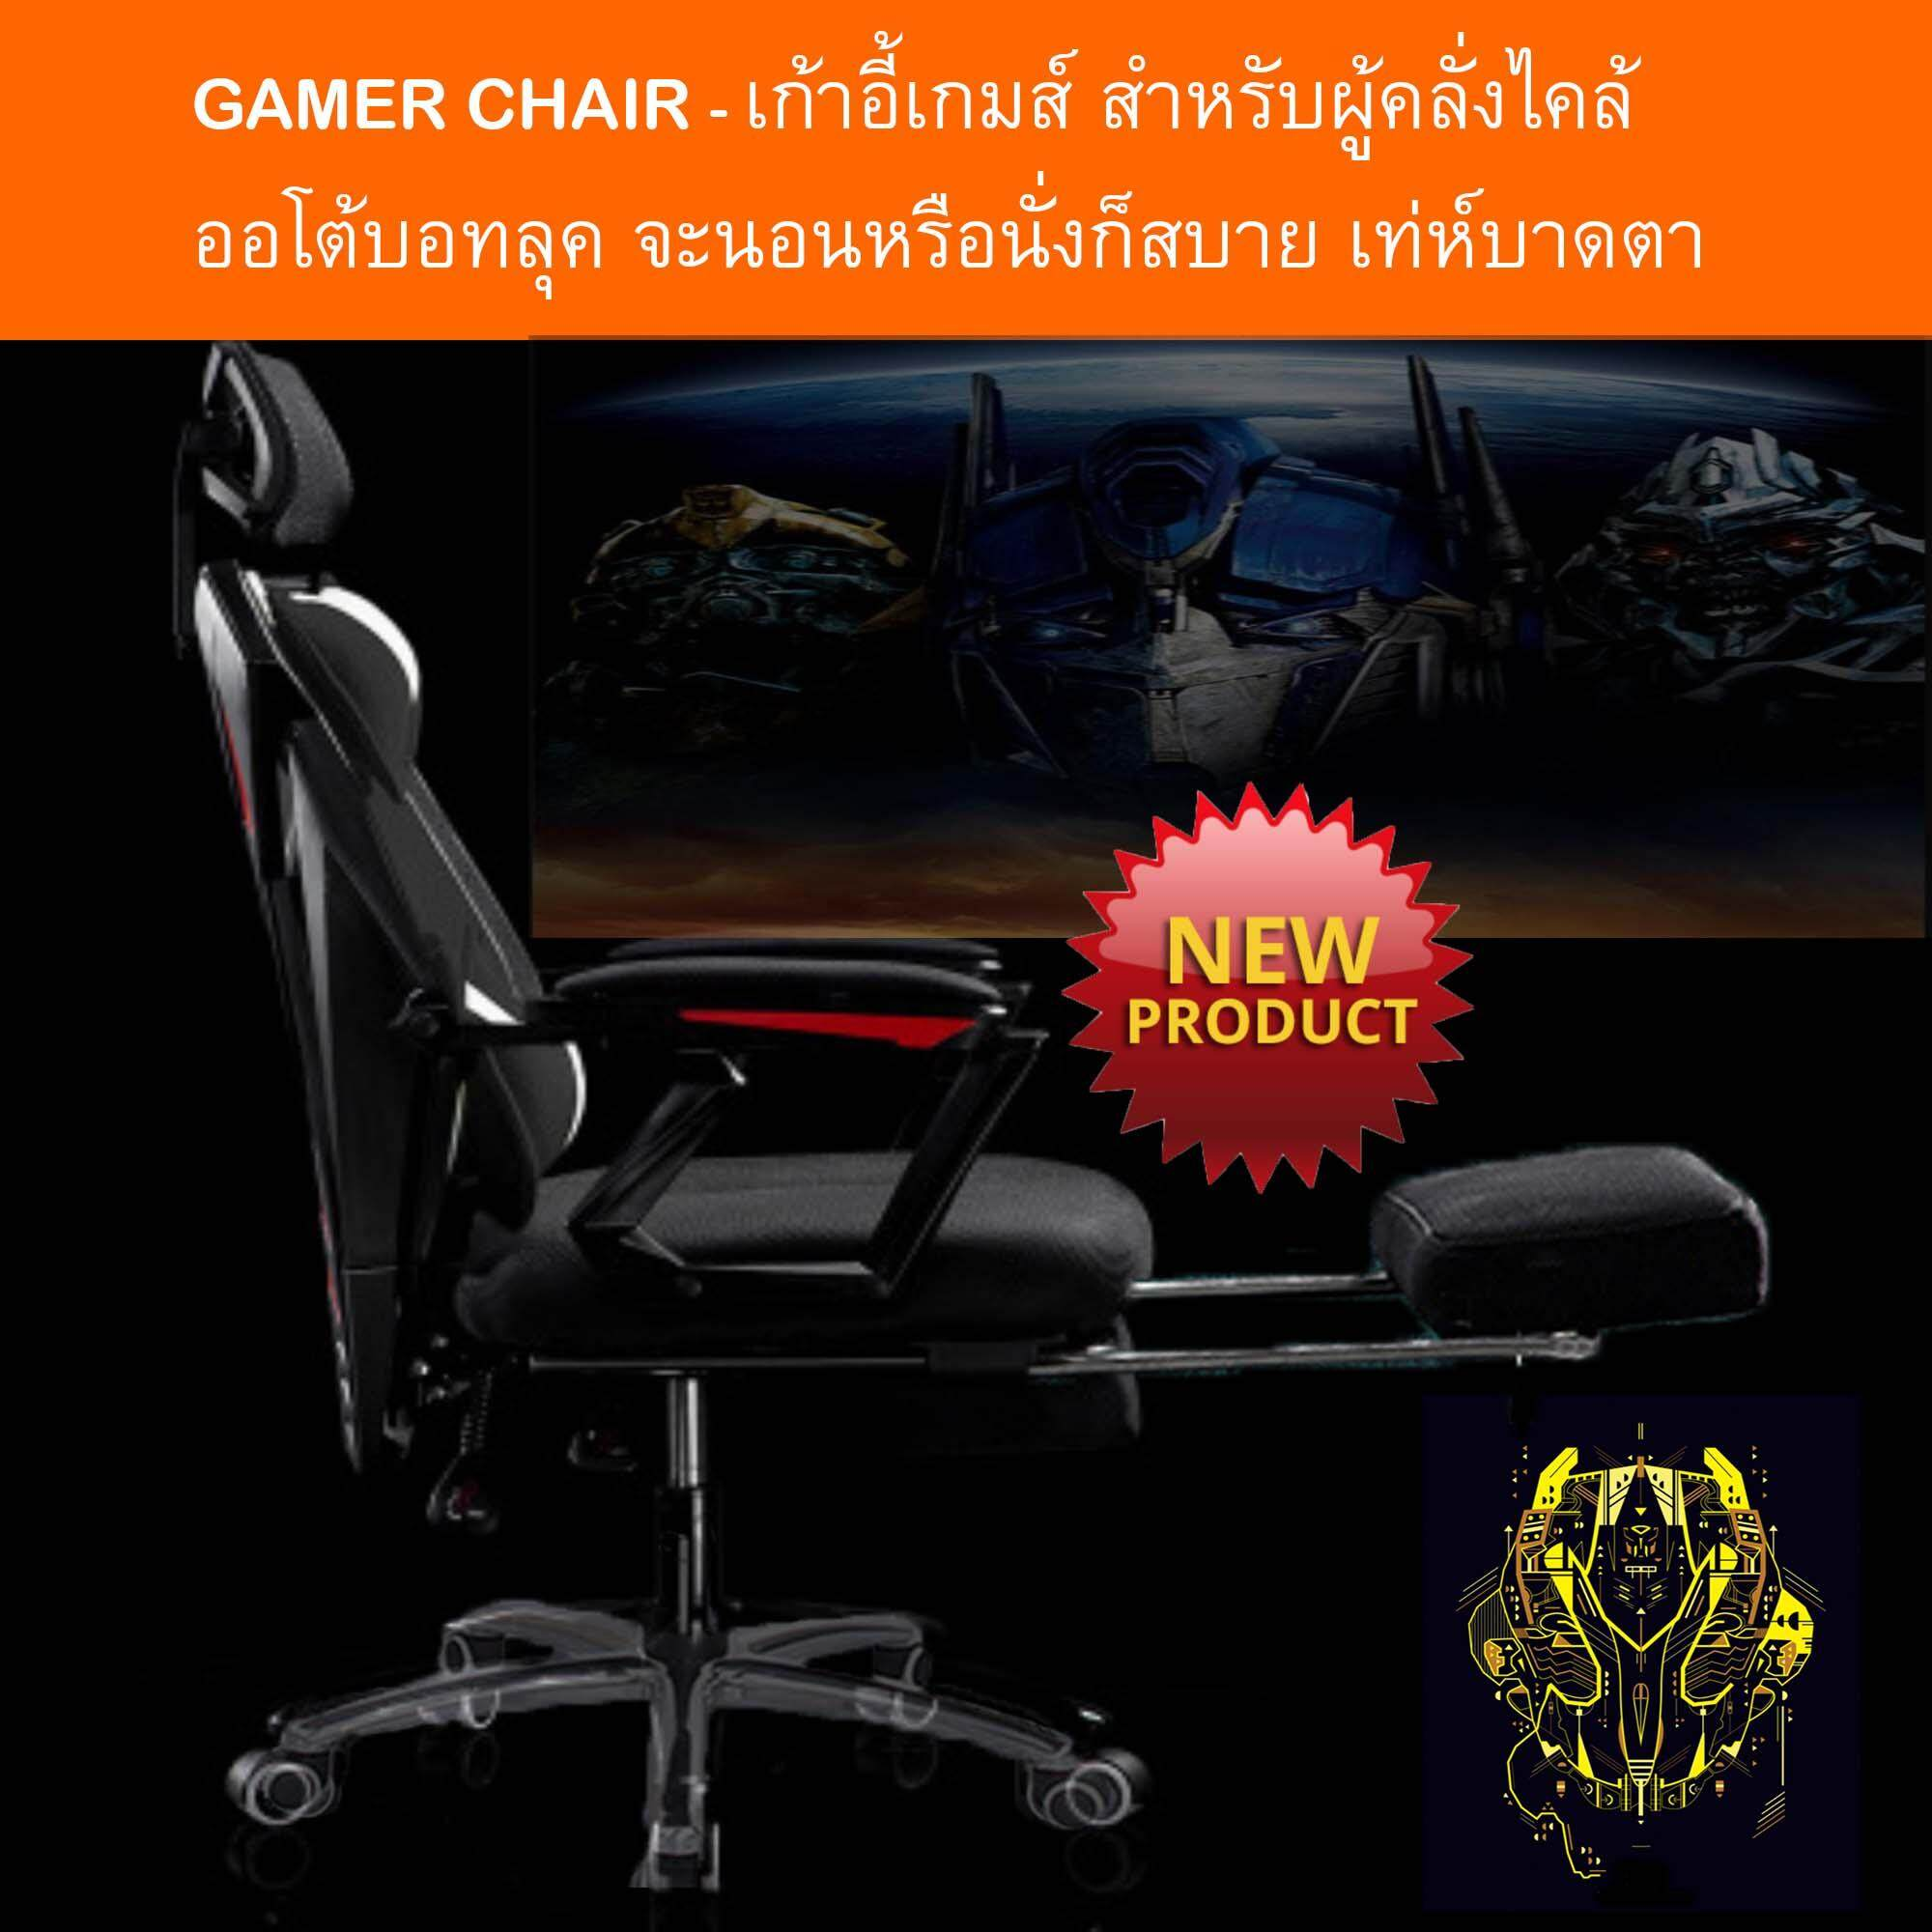 ยี่ห้อนี้ดีไหม  ARMOR เก้าอี้เล่นเกม เก้าอี้เกมมิ่ง เก้าอี้คอเกม เกมส์ เก้าอี้คอม เก้าอี้ทำงาน เก้าอี้เรซซิ่ง Raching Gaming Chair Office Chair รุ่น MODEL : GMC-803(TFM)BA# สีดำ